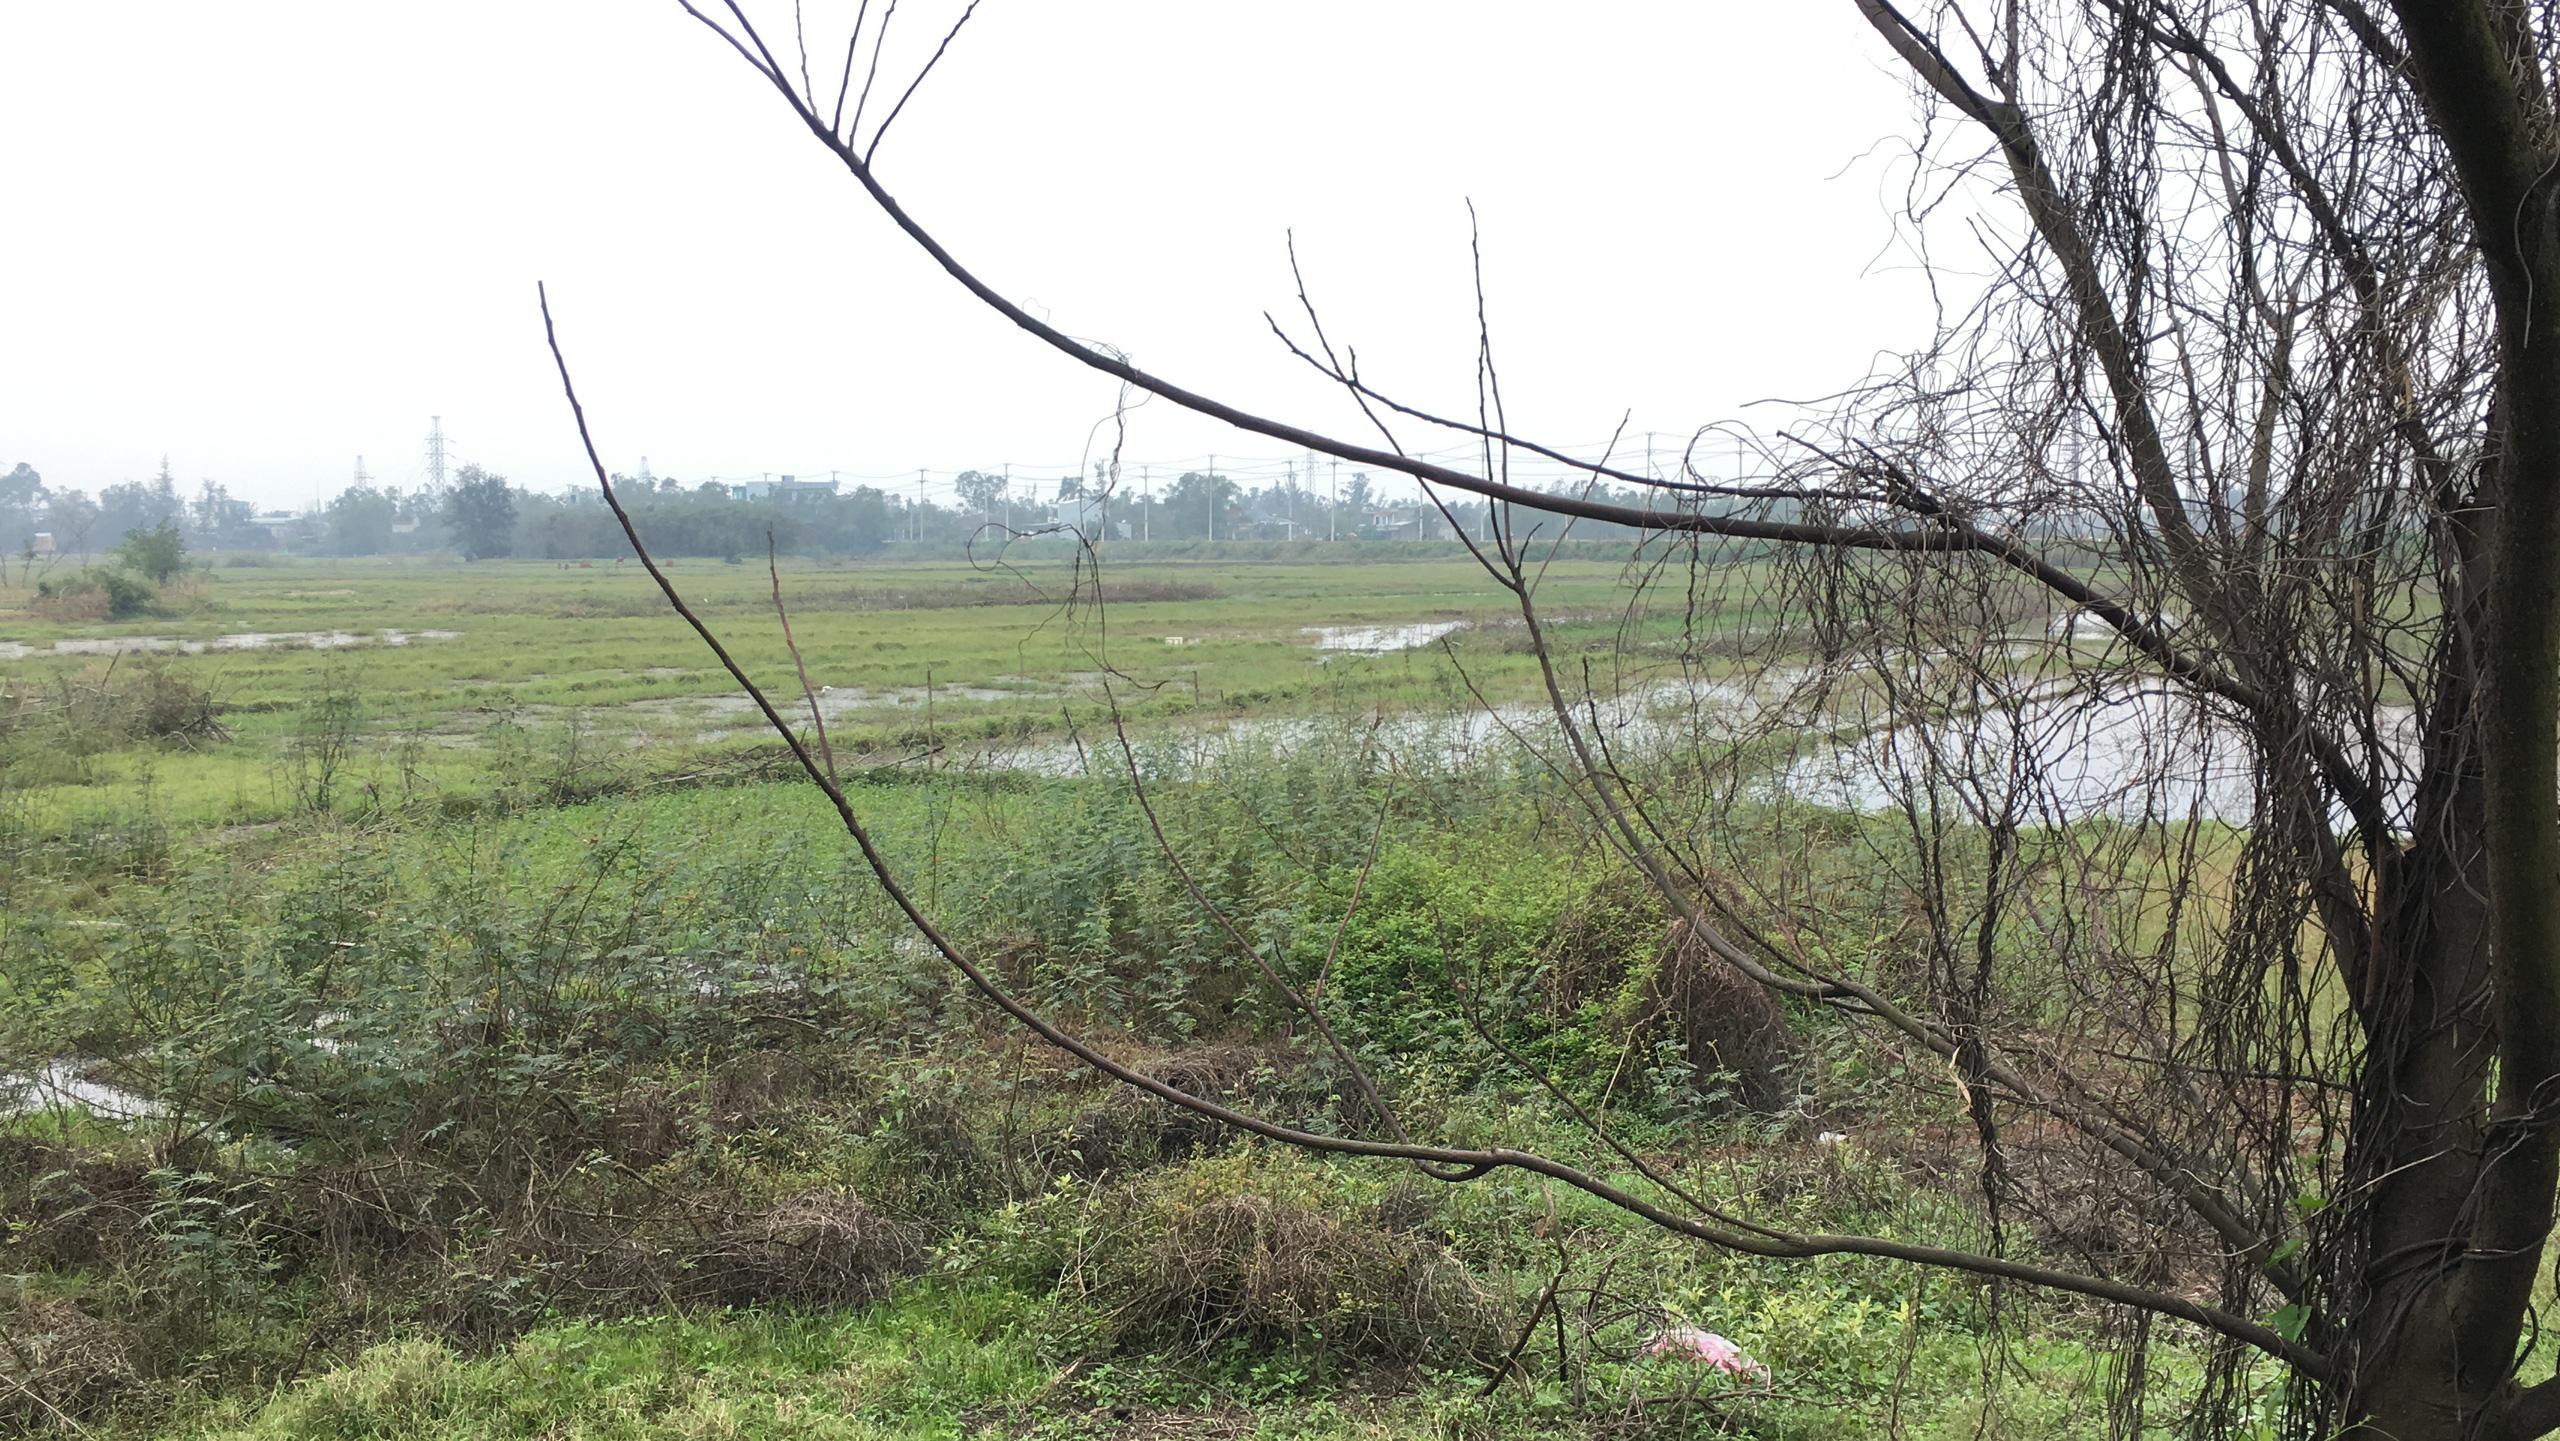 Cận cảnh khu đất ở Đà Nẵng triển khai dự án quần thể bệnh viện quốc tế gần 5.000 tỷ đồng - Ảnh 9.